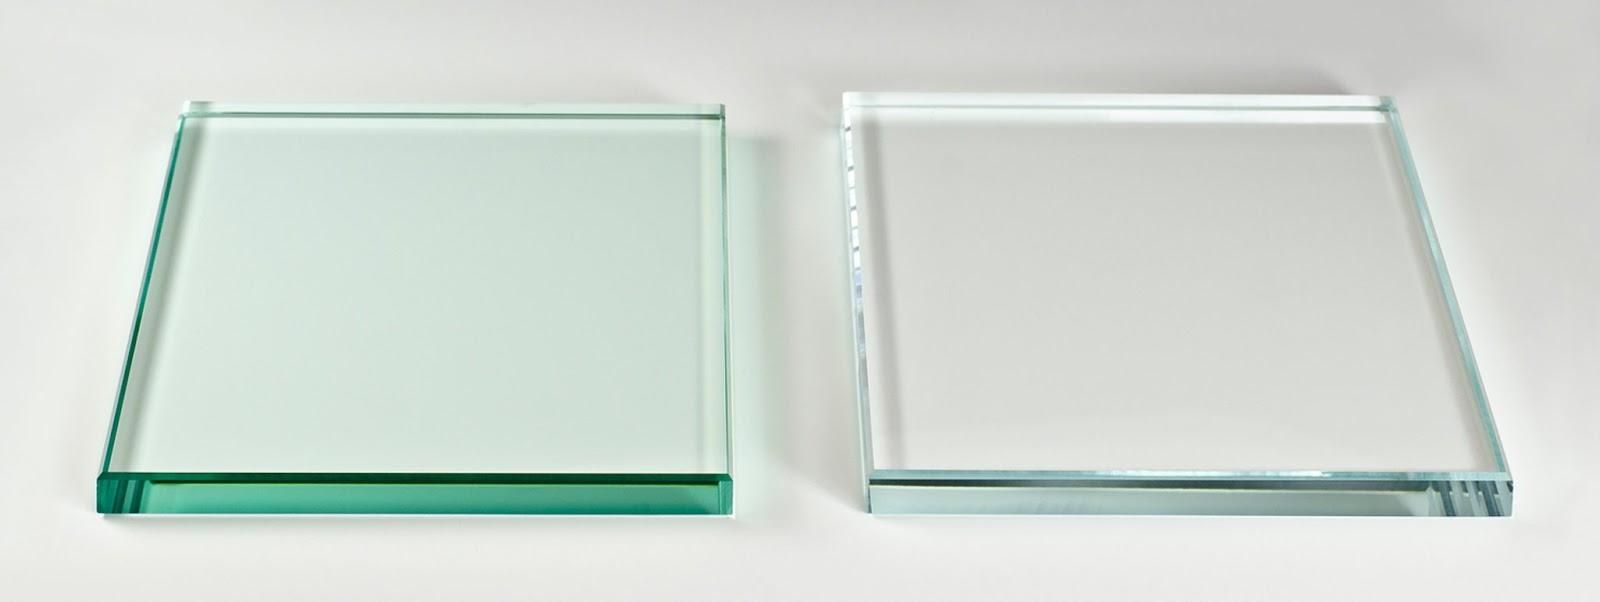 Купить осветлённое стекло Optiwhite в Москве разной толщины можно в компании «ДомГласс».